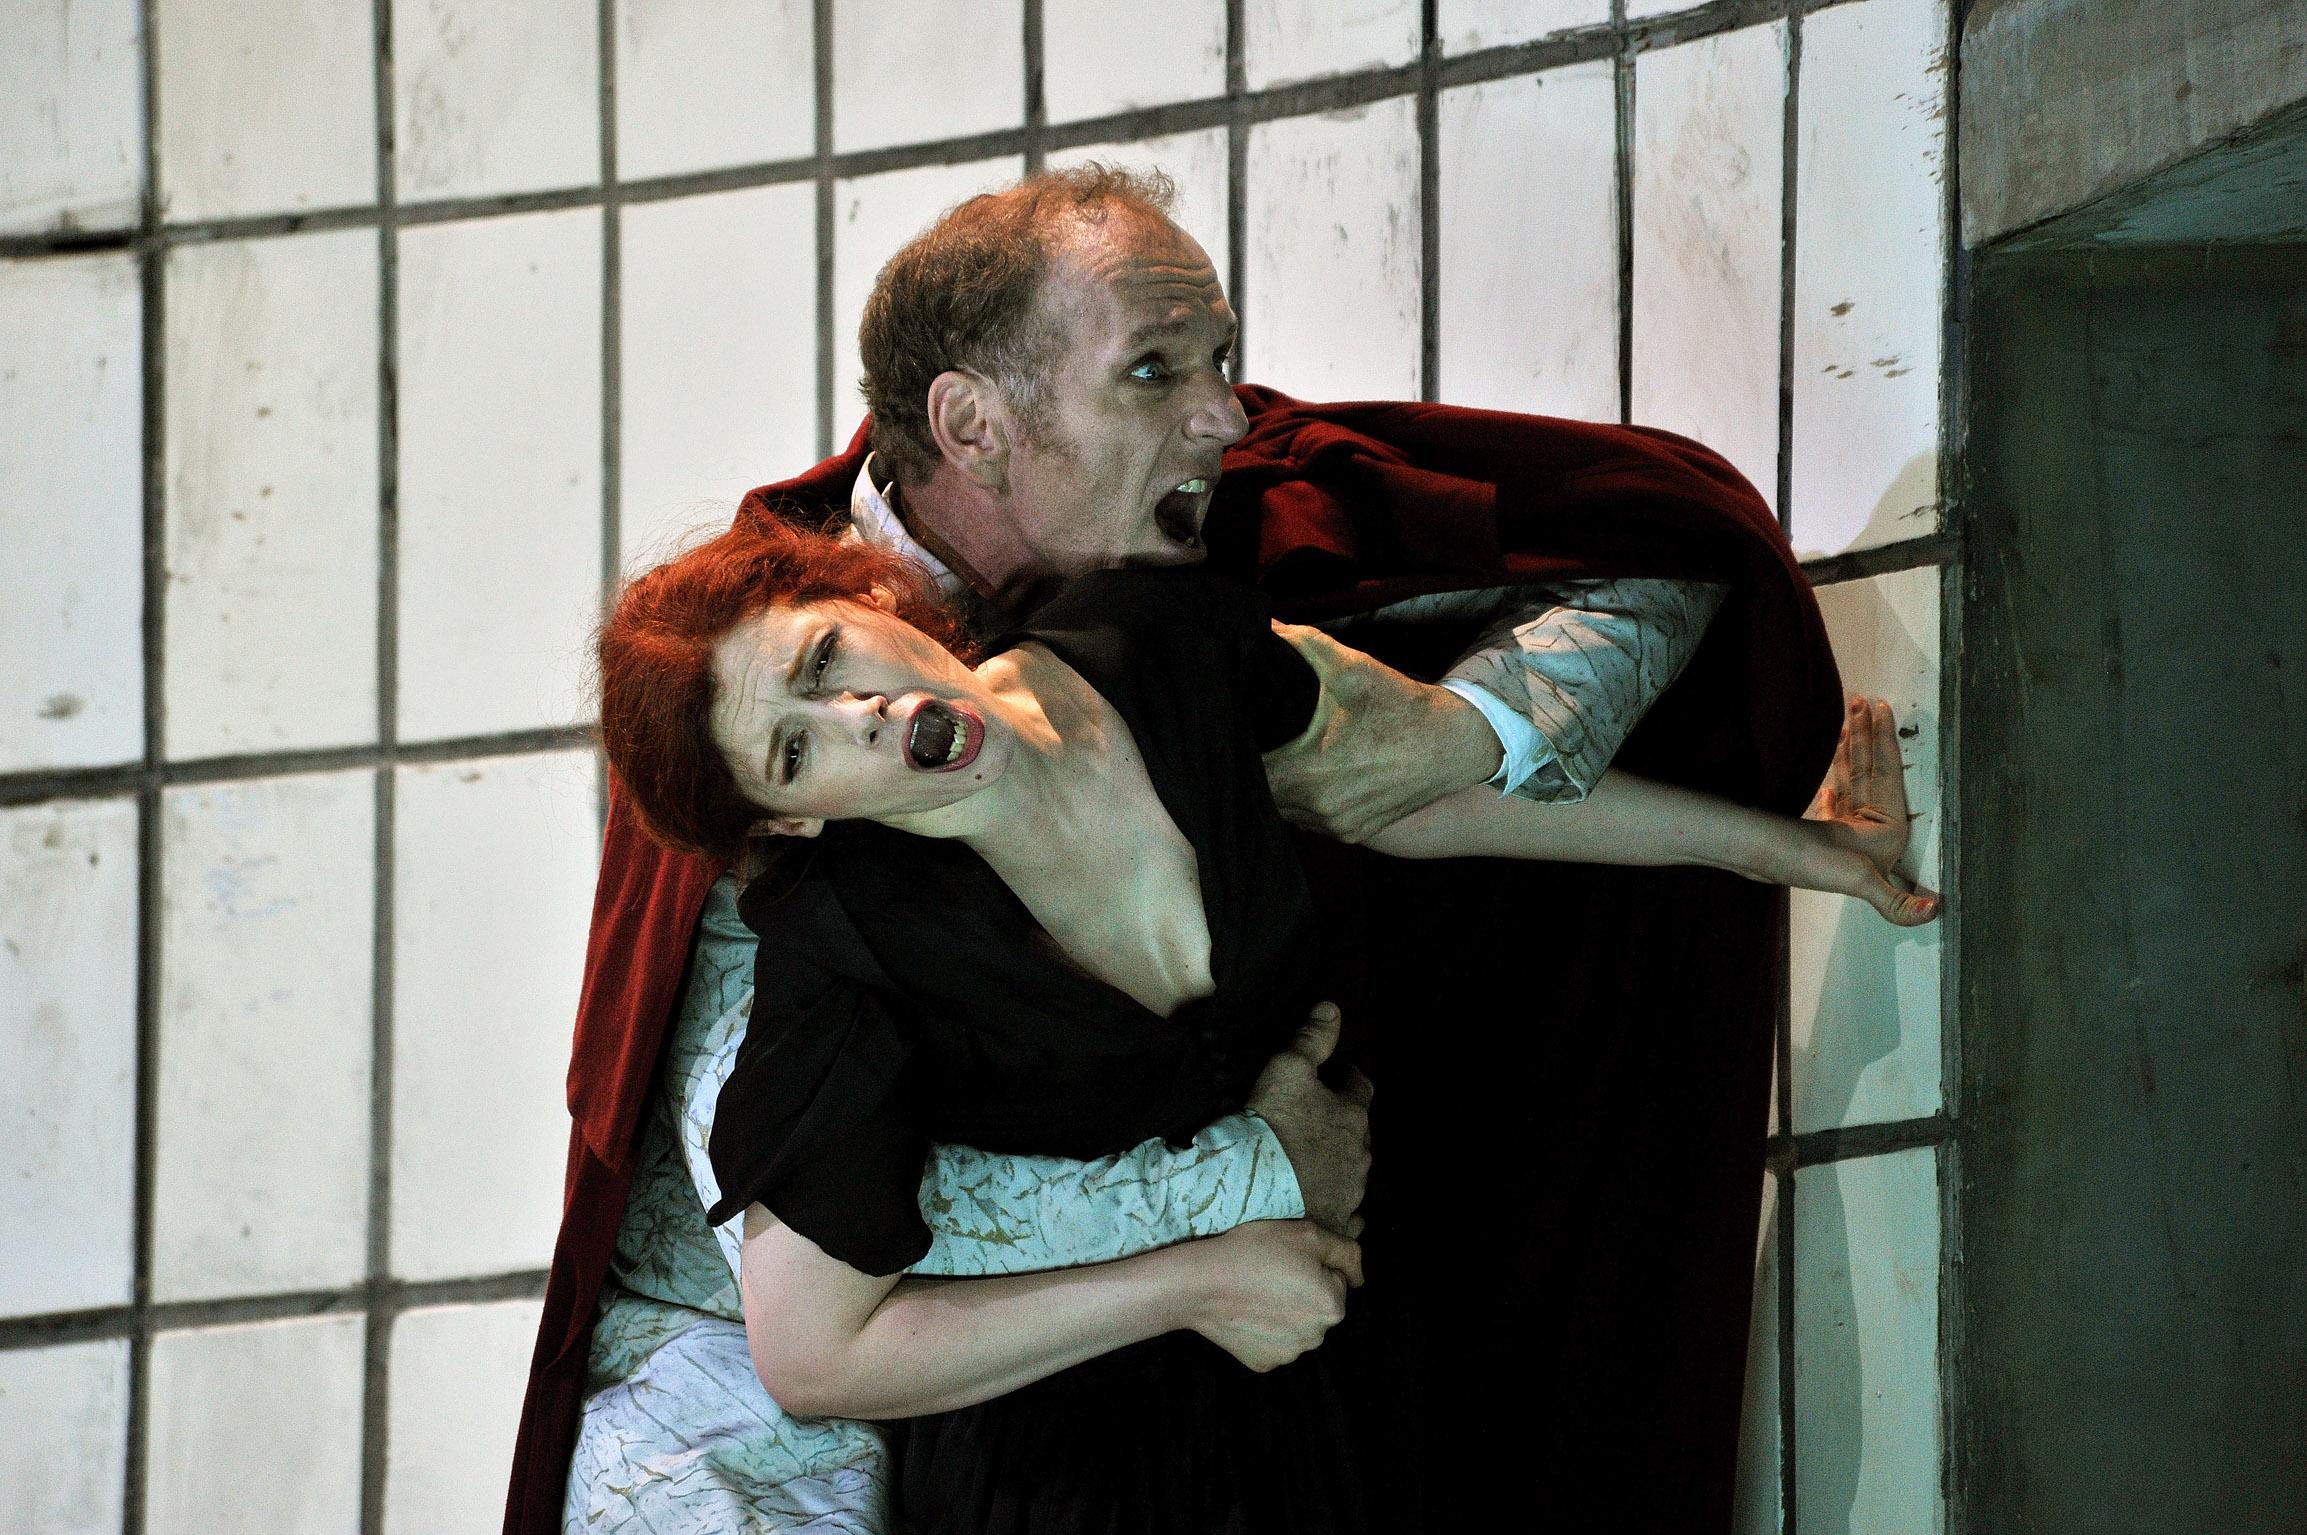 El teatro real comienza su temporada con el estreno en - Lucio silla teatro real ...